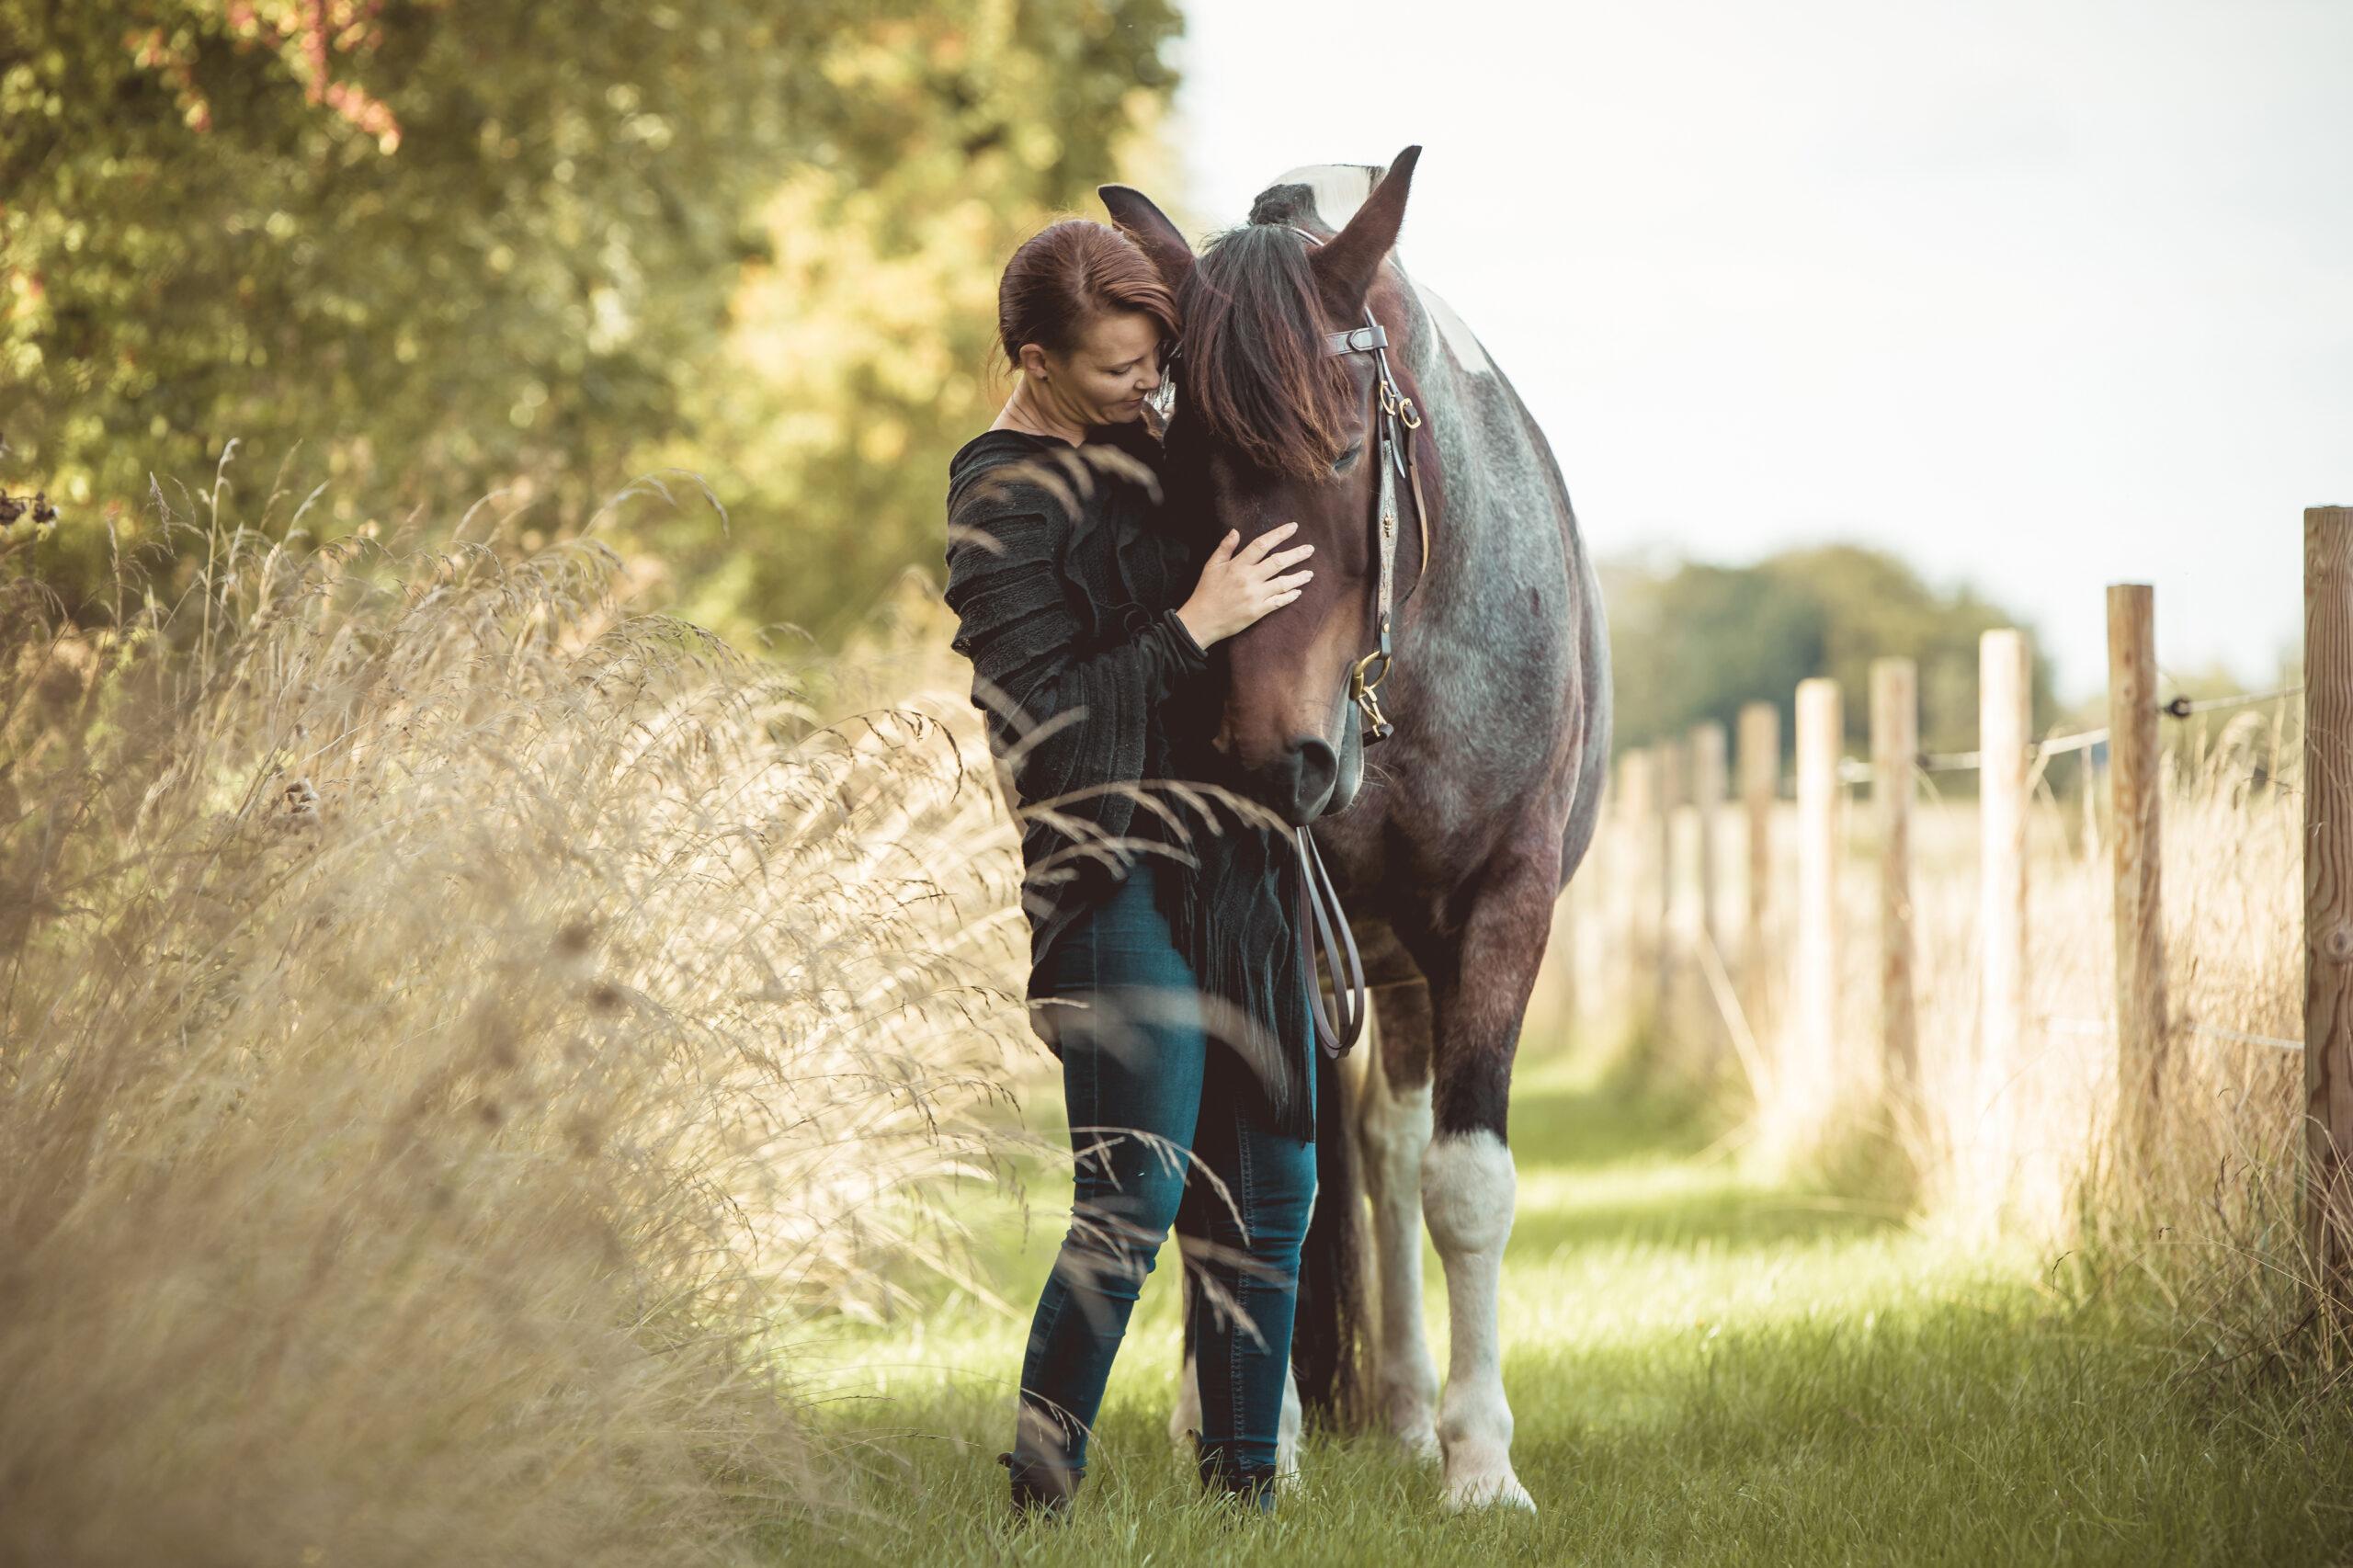 Hesteportæt